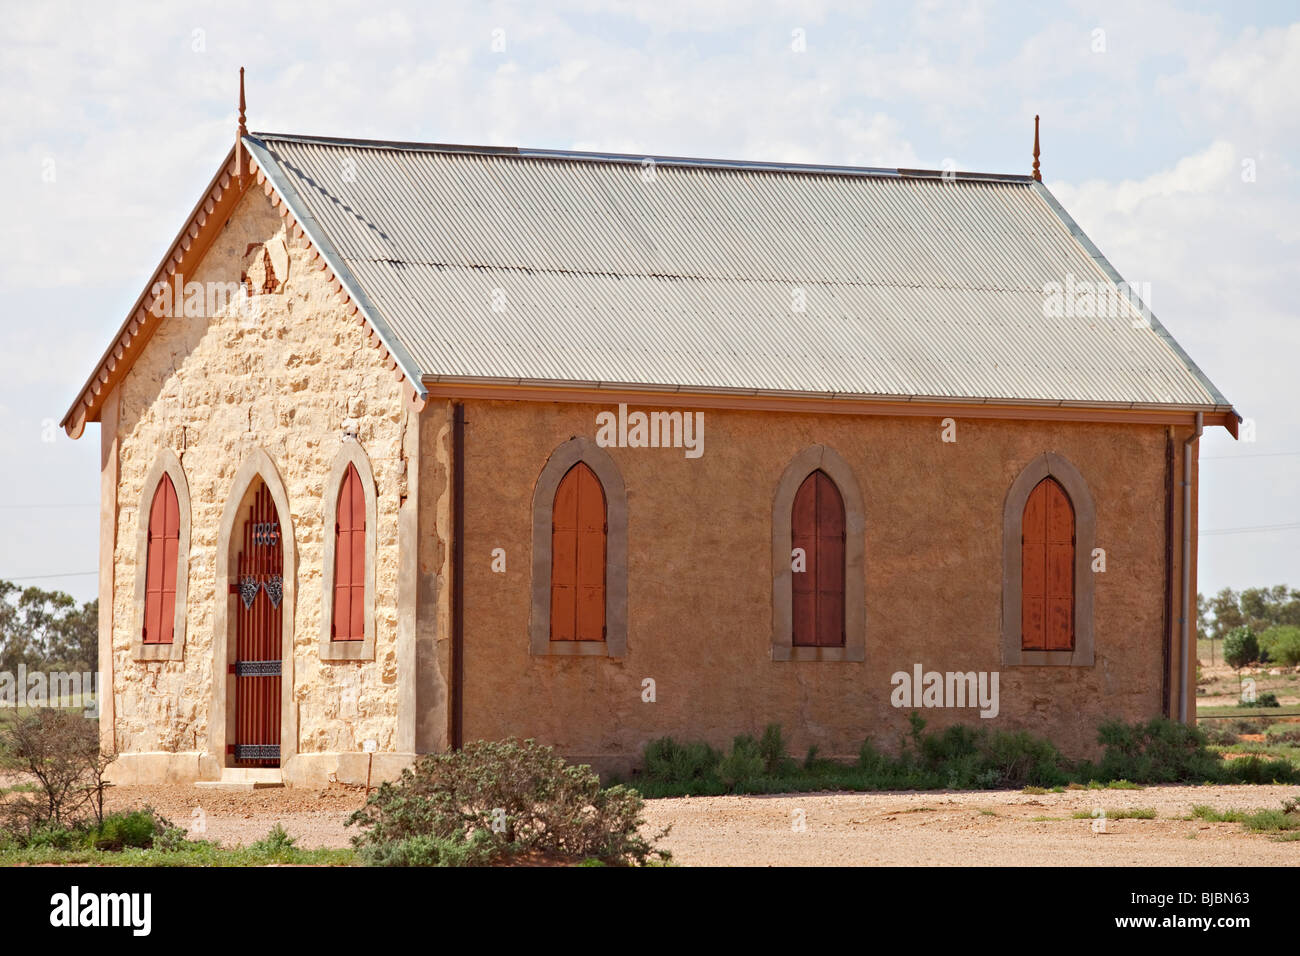 L'église méthodiste, Silverton près de Broken Hill, NSW Australie Outback Photo Stock